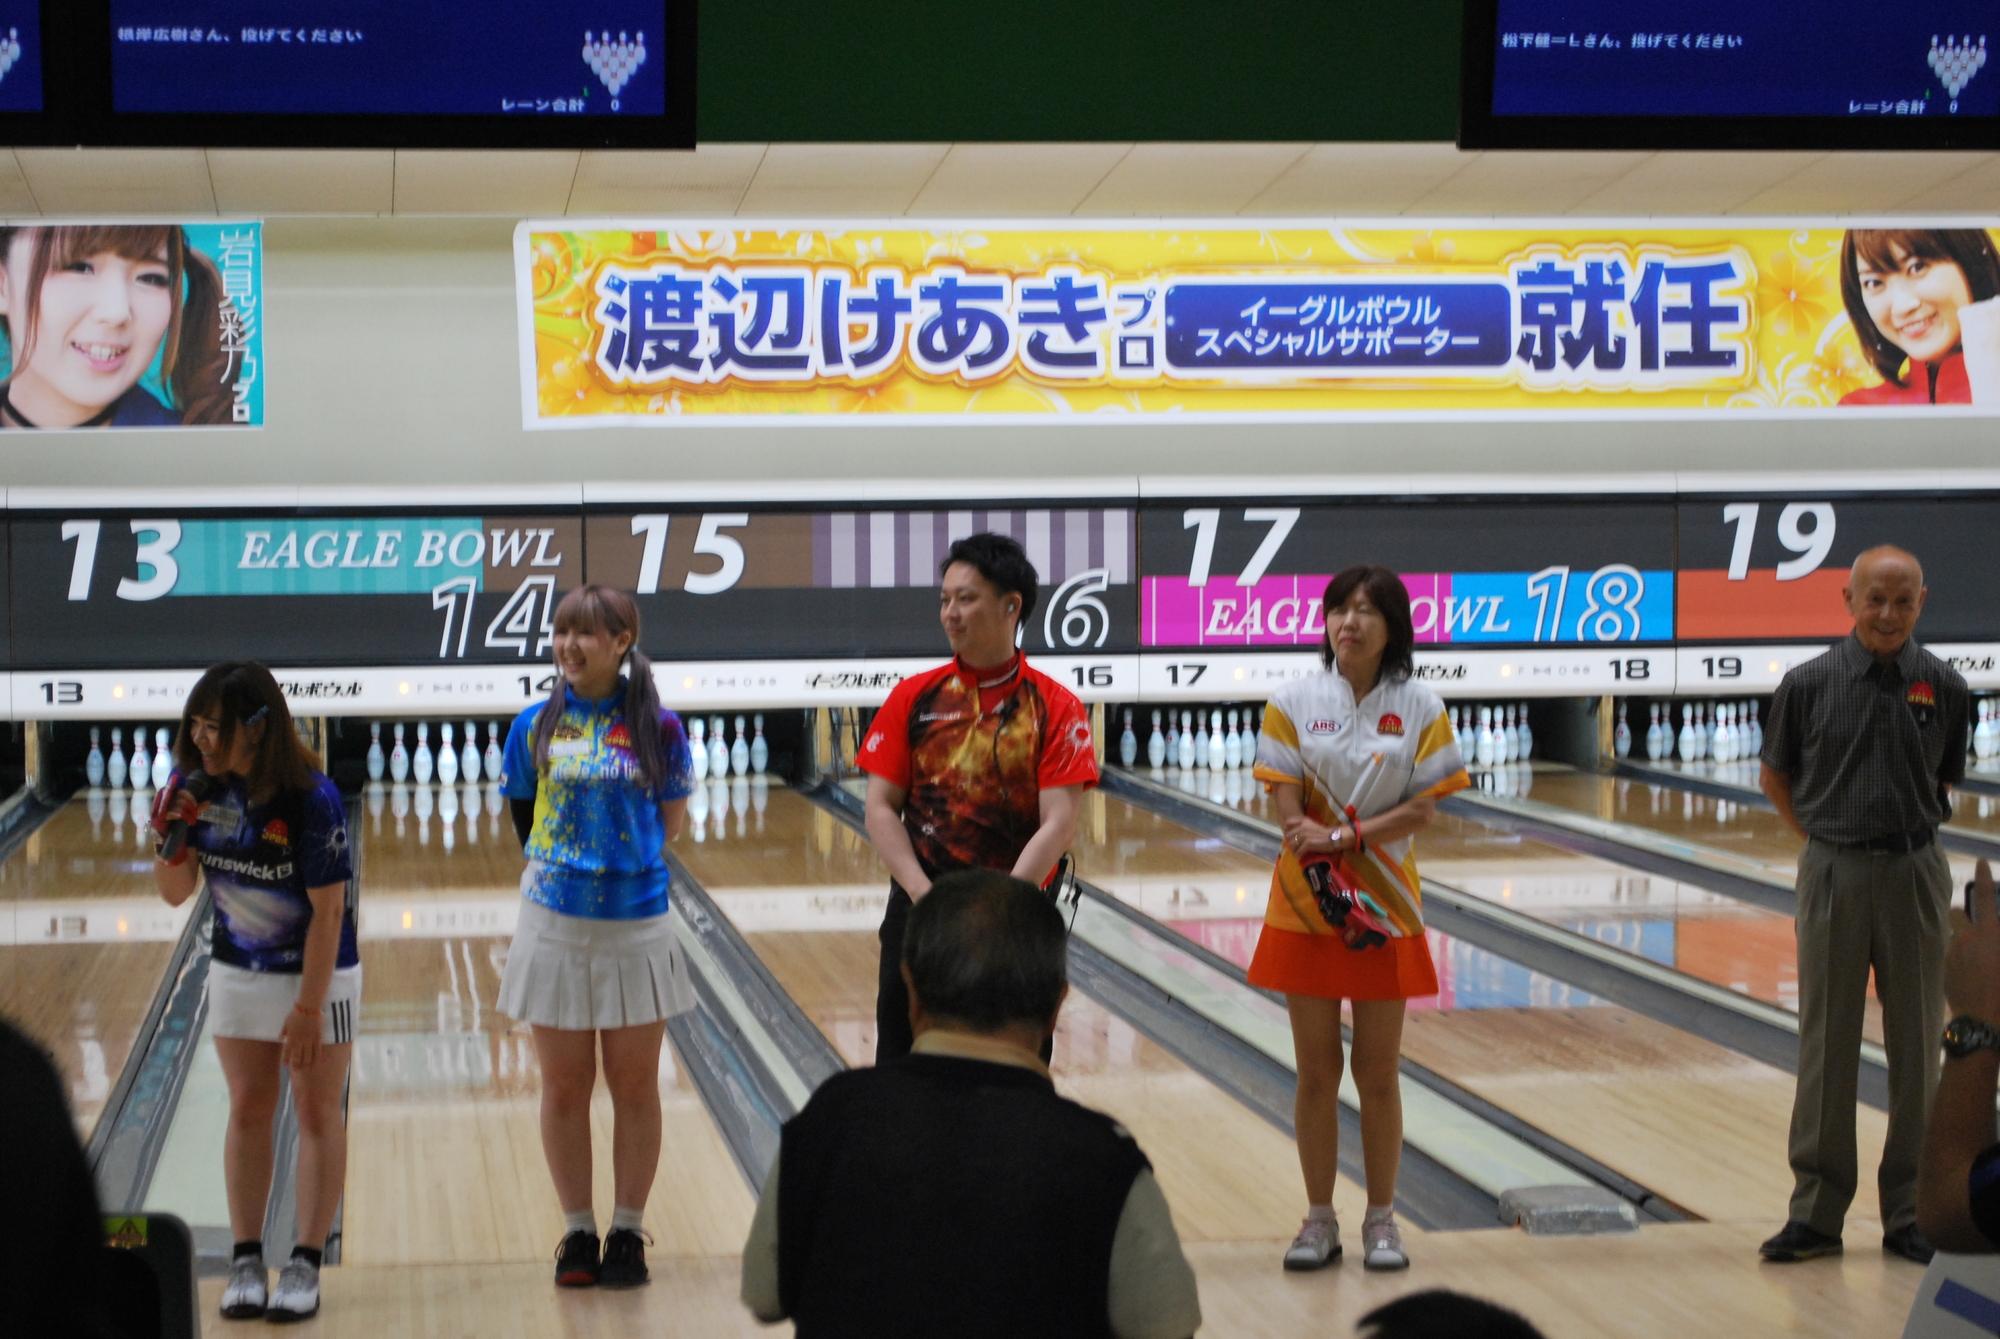 7/22 川崎由意プロ&岩見彩乃プロとわいわい投げよう!